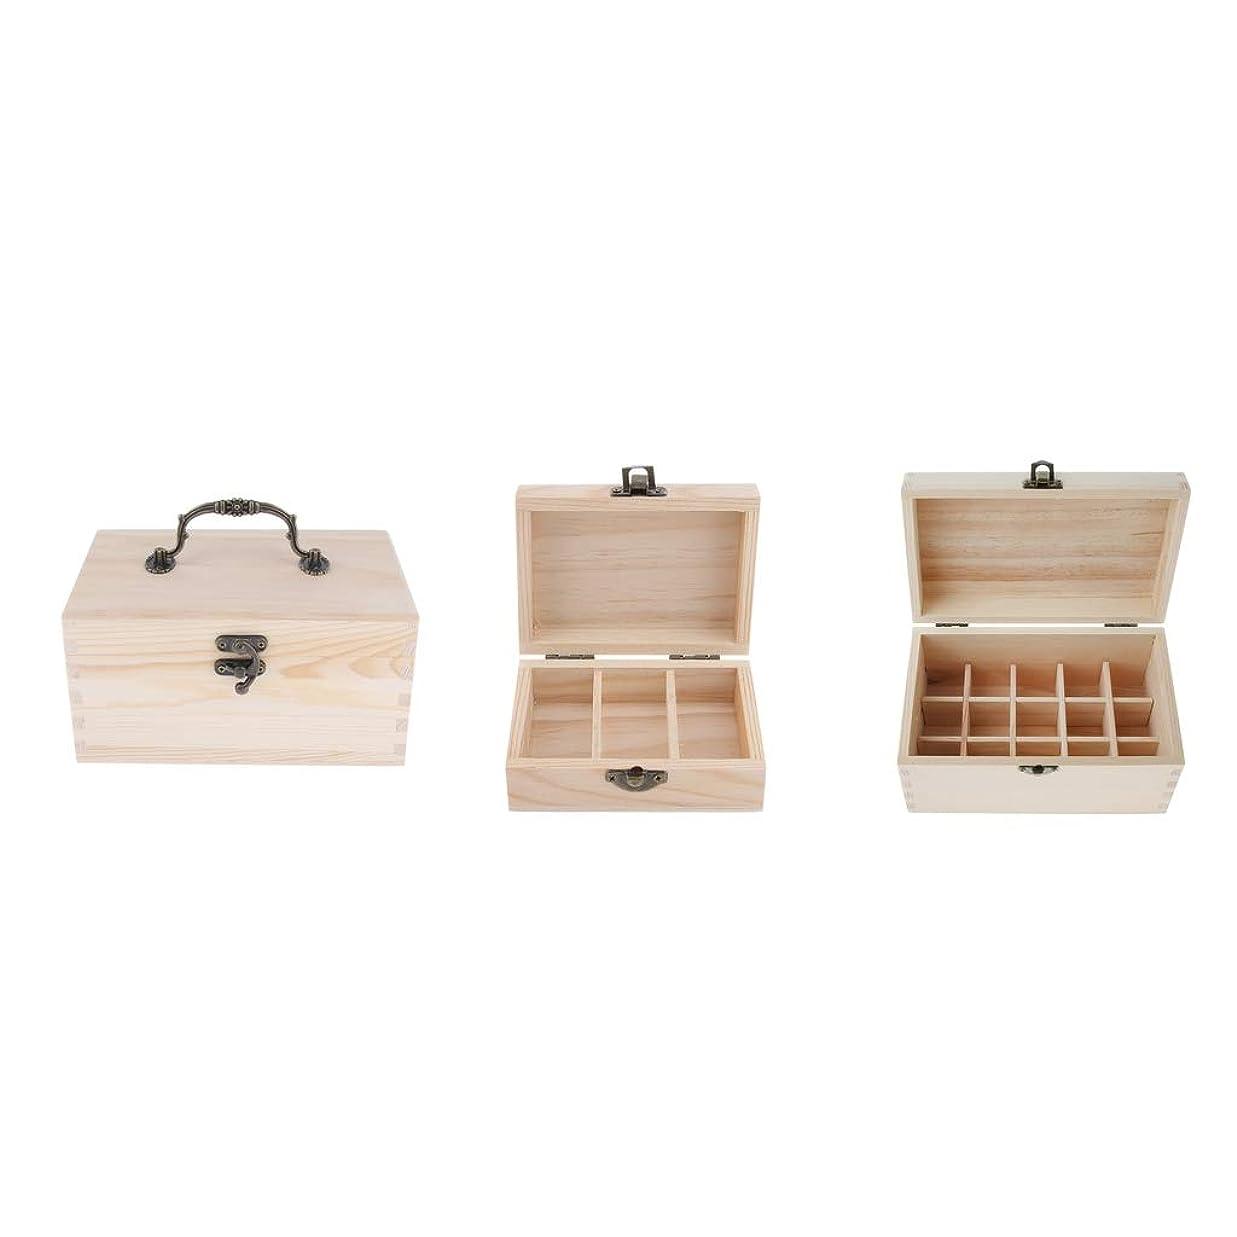 物理的に下るコカインchiwanji エッセンシャルオイル 収納ボックス精油ケース 収納ボックス 香水収納ケース アロマオイル収納ボックス3個入